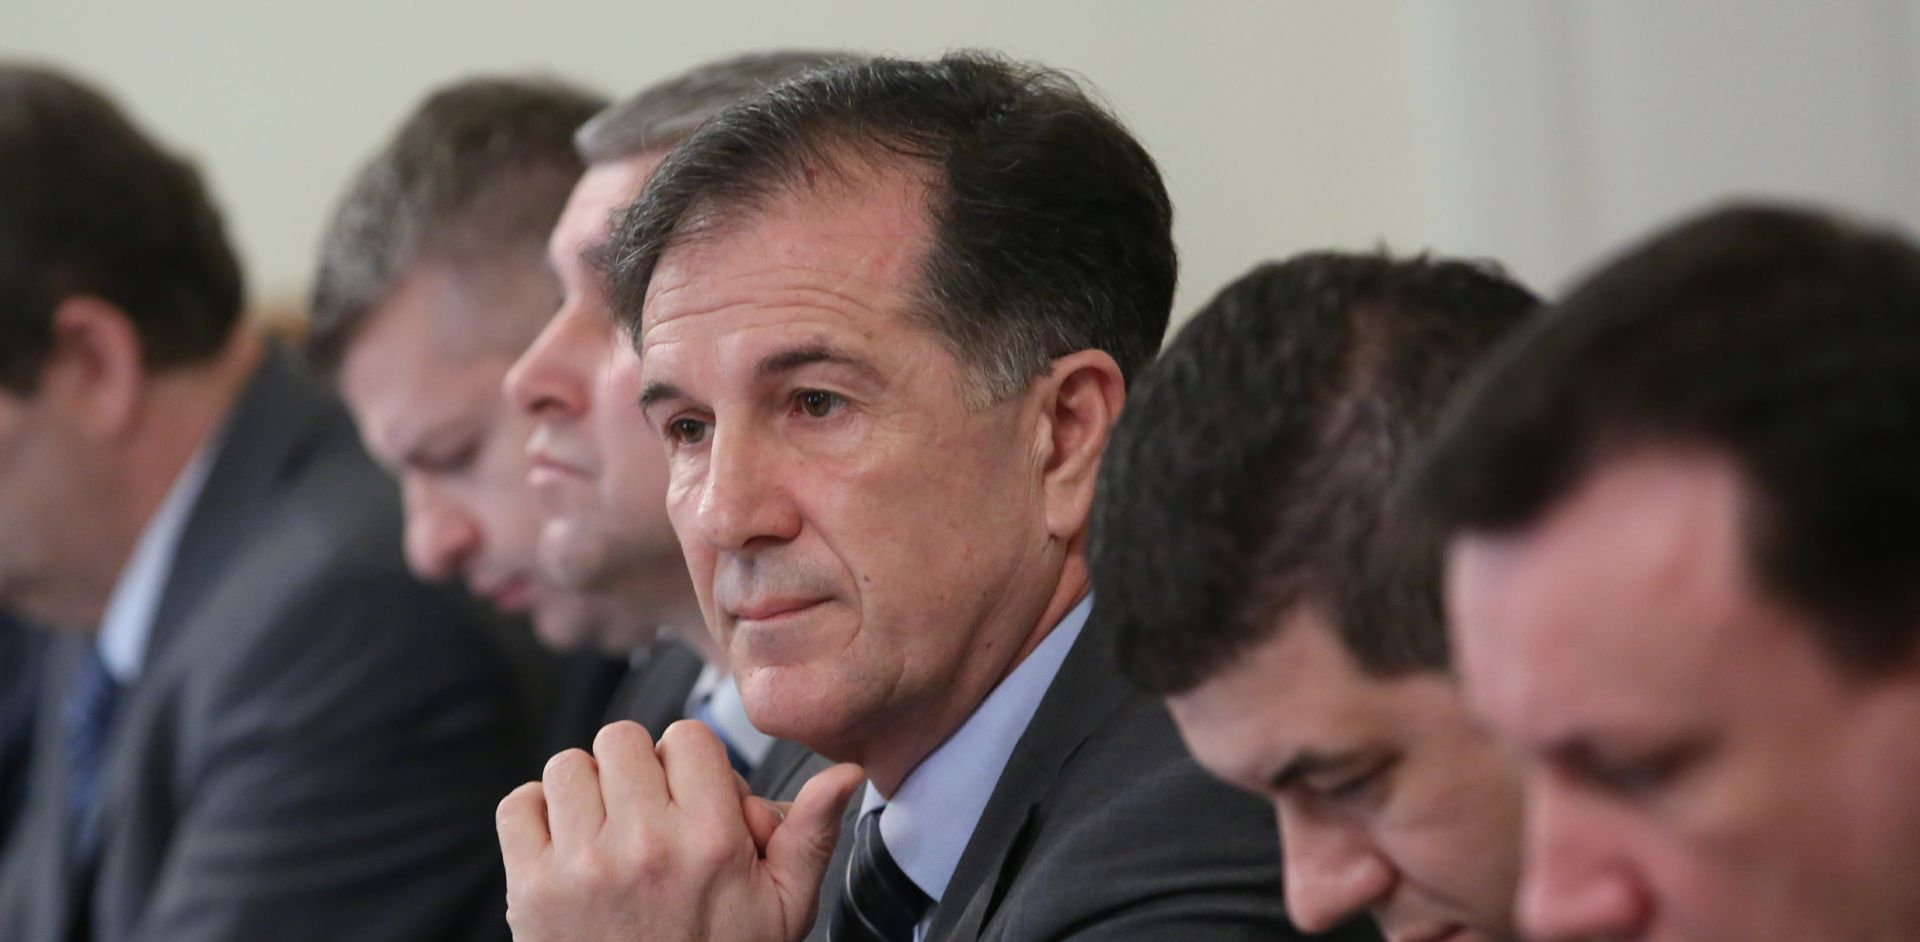 Ministar Romić: Smanjenje PDV-a na poljoprivredne proizvode trenutno nije realno